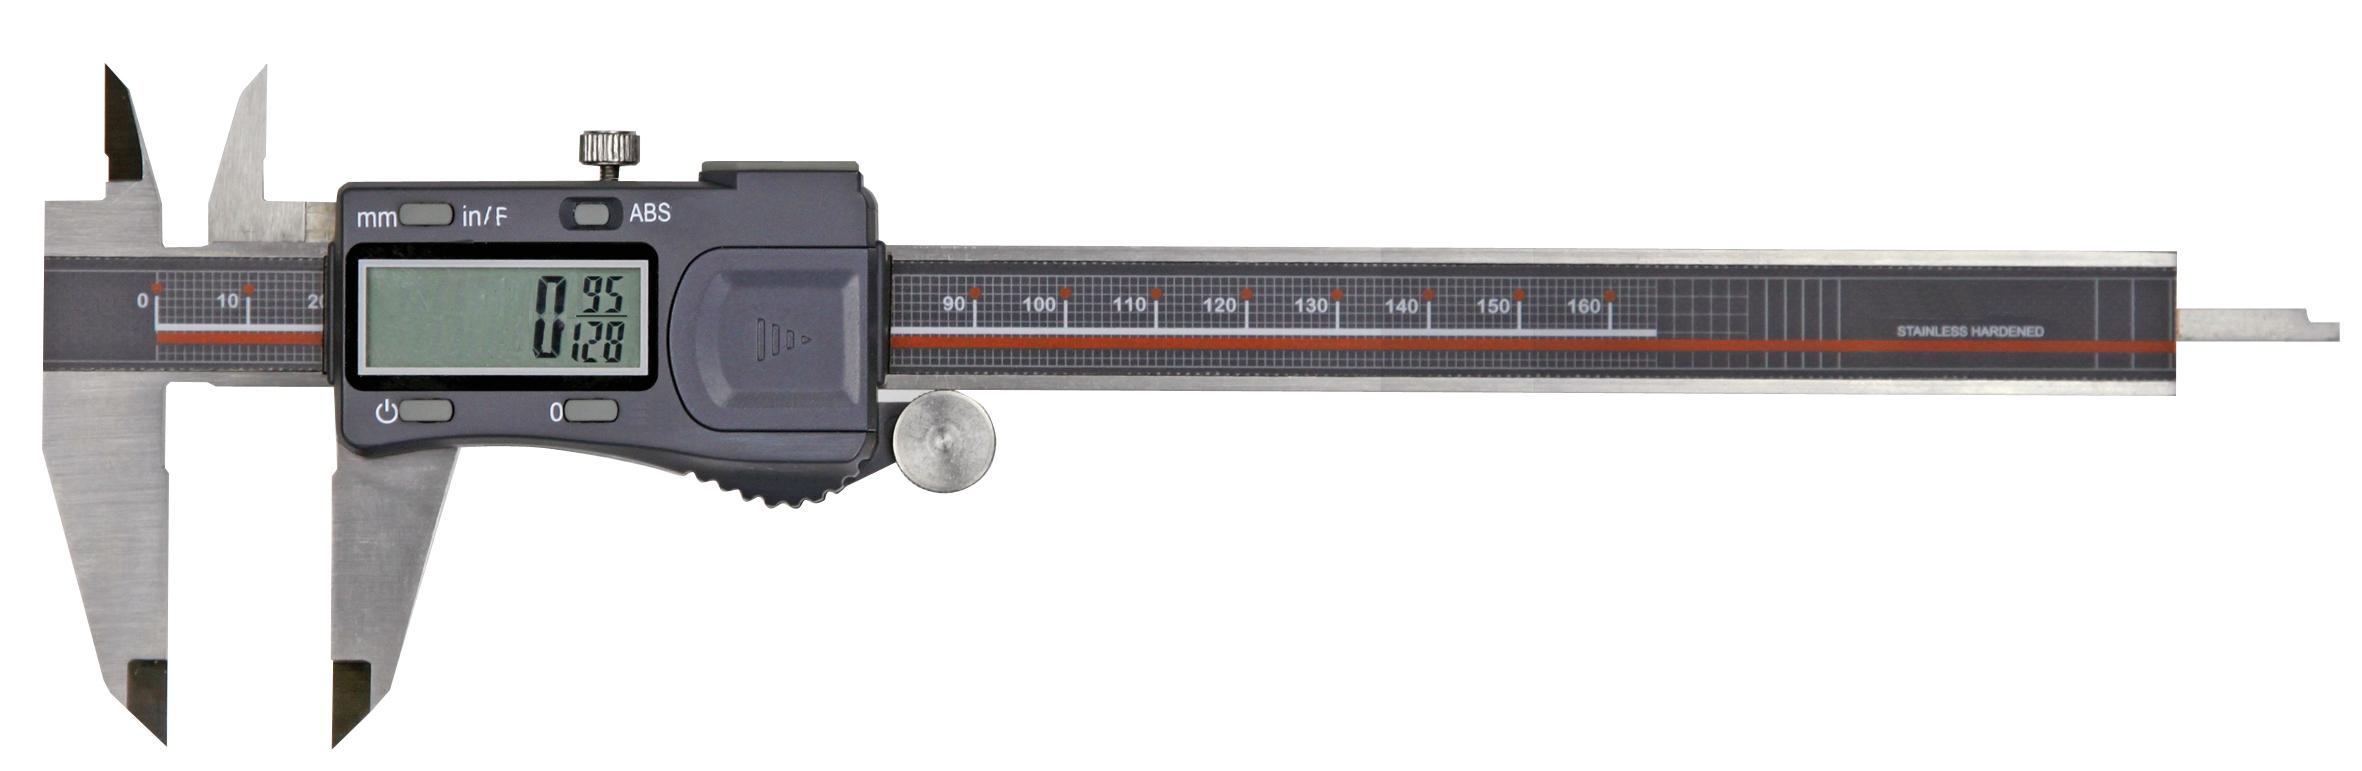 Digital-Taschen-Messschieber - mit Bruchanzeige